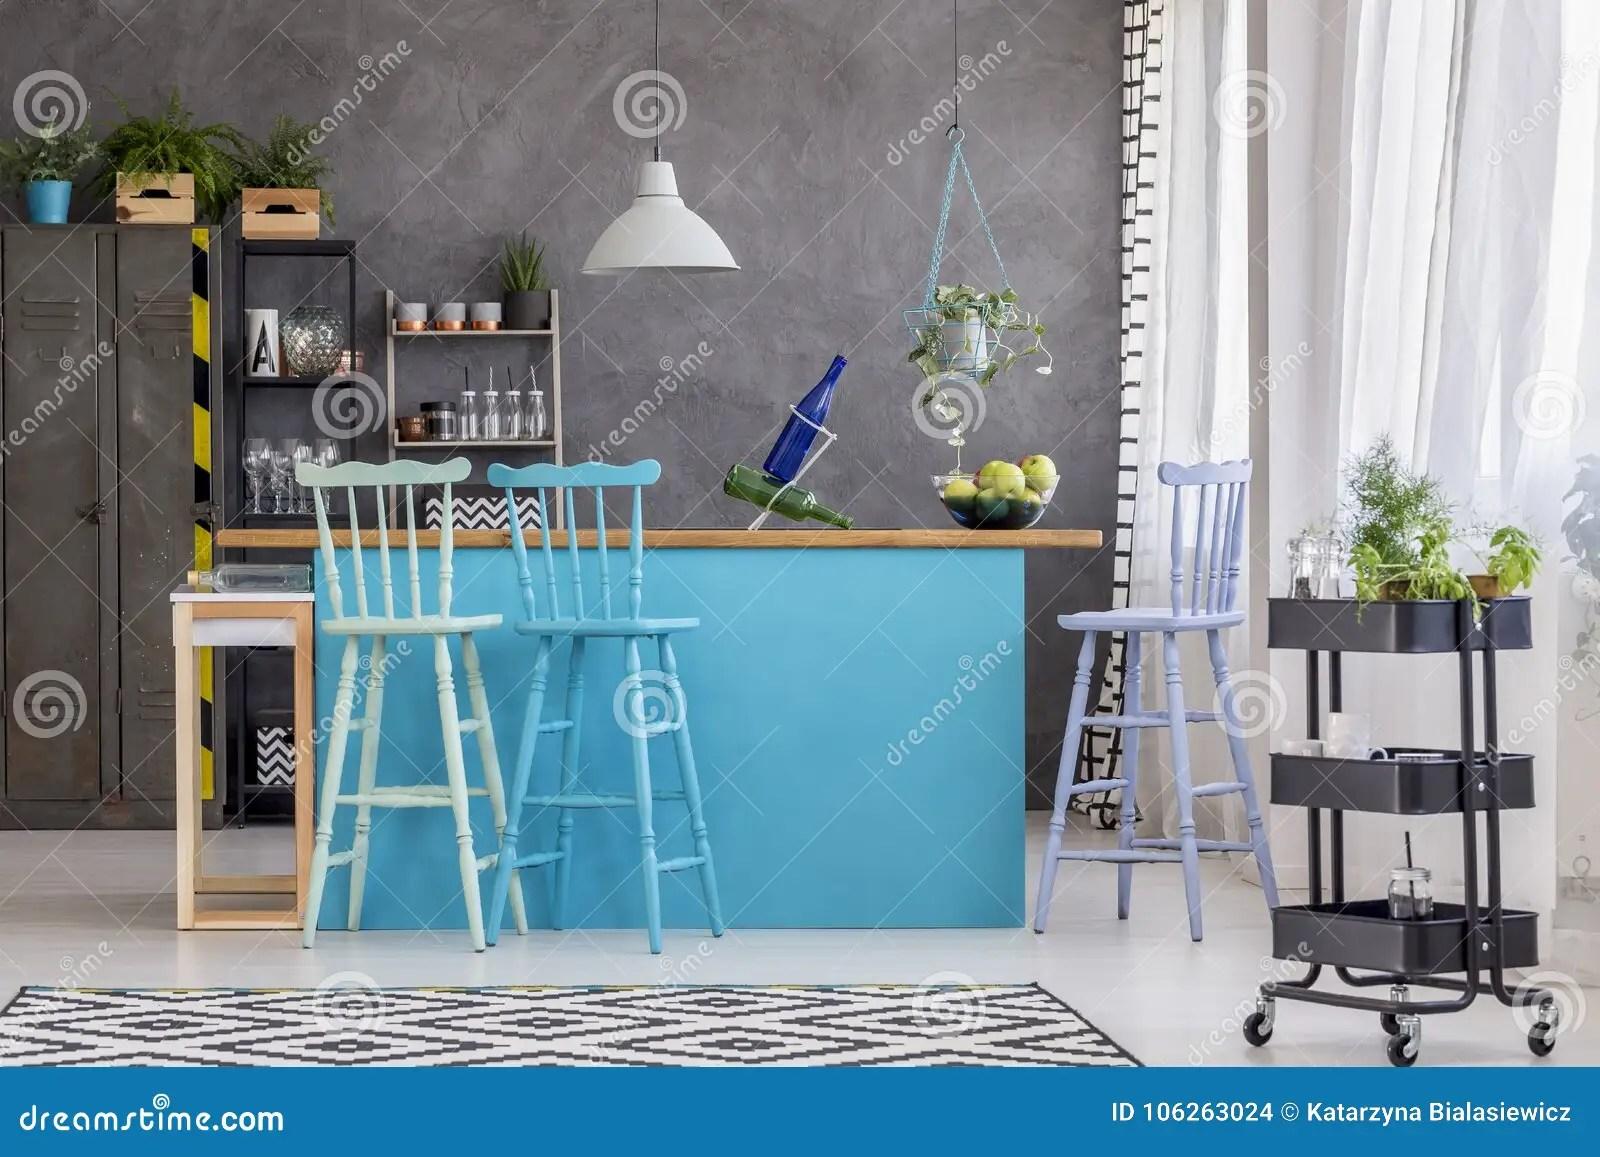 small kitchen rugs country french kitchens 凳子和蓝色厨房库存照片 图片包括有具体 凳子 内部 空间 地毯 墙壁 凳子和蓝色厨房